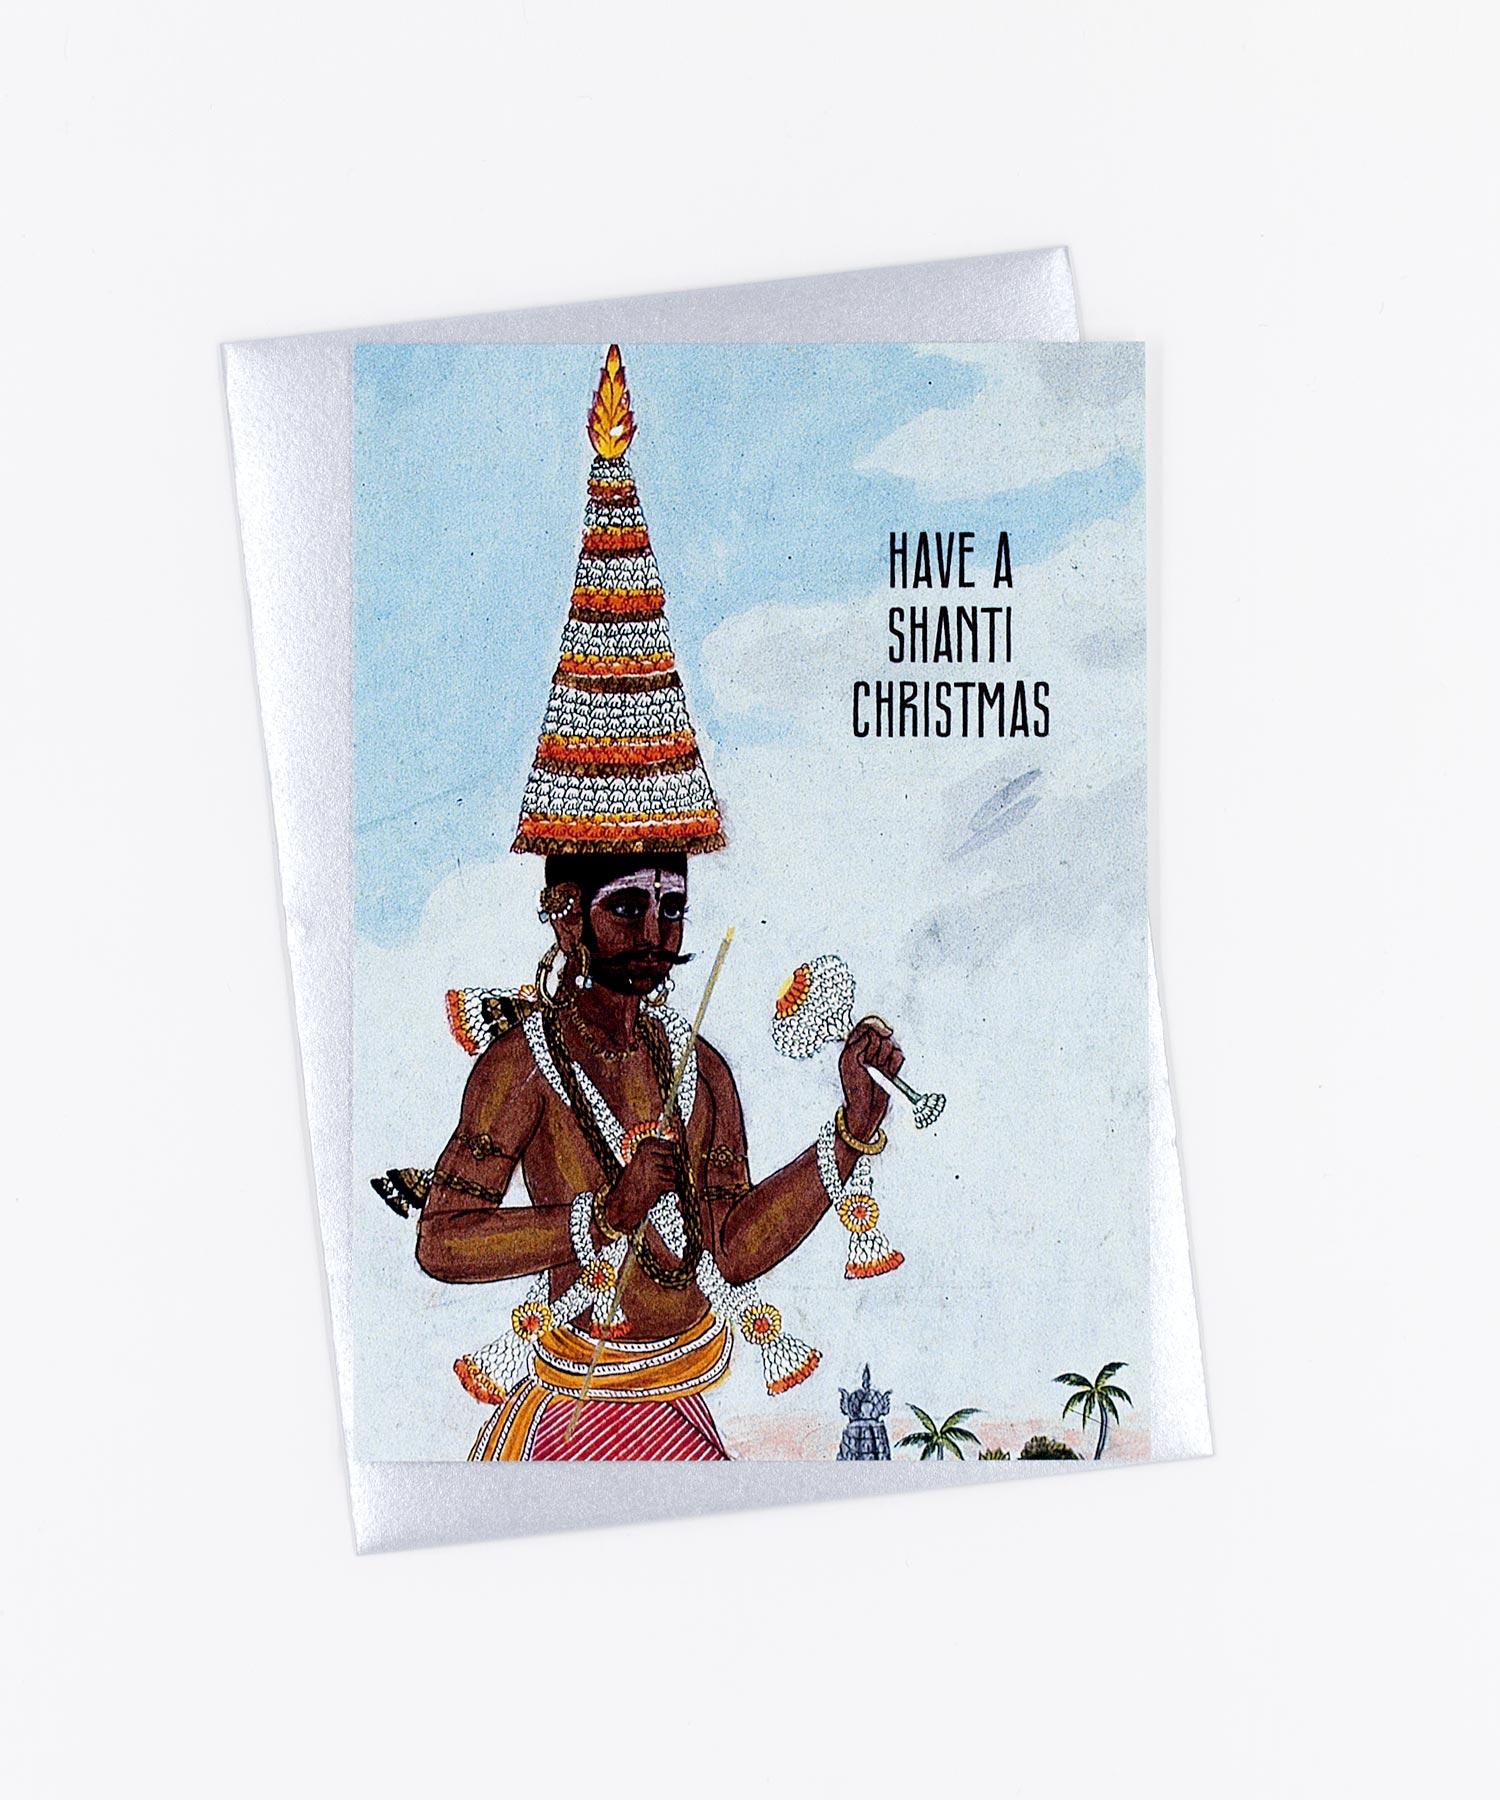 Weihnachtskarte Malabar Shanti Christmas